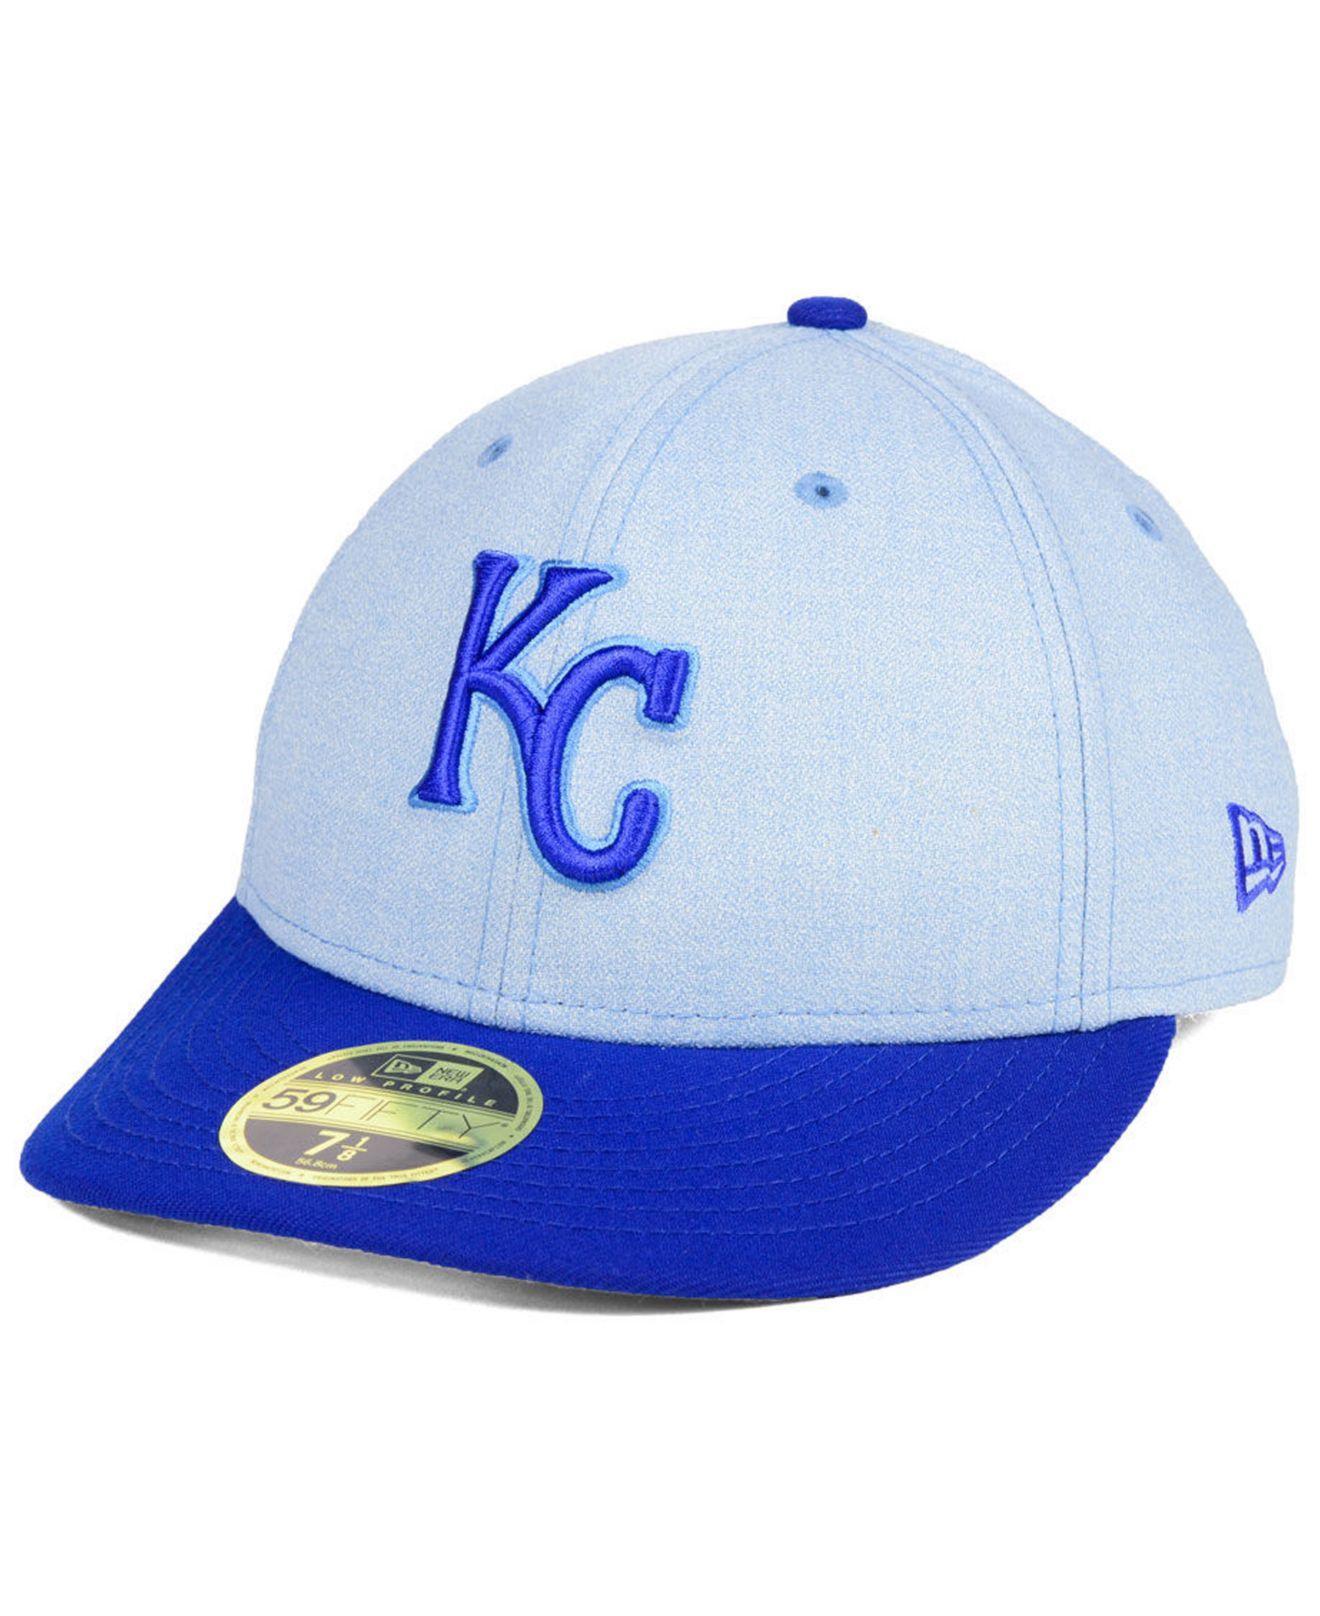 the best attitude 90ce0 d6b8c KTZ. Men s Blue Kansas City Royals Father s Day Low Profile 59fifty Cap